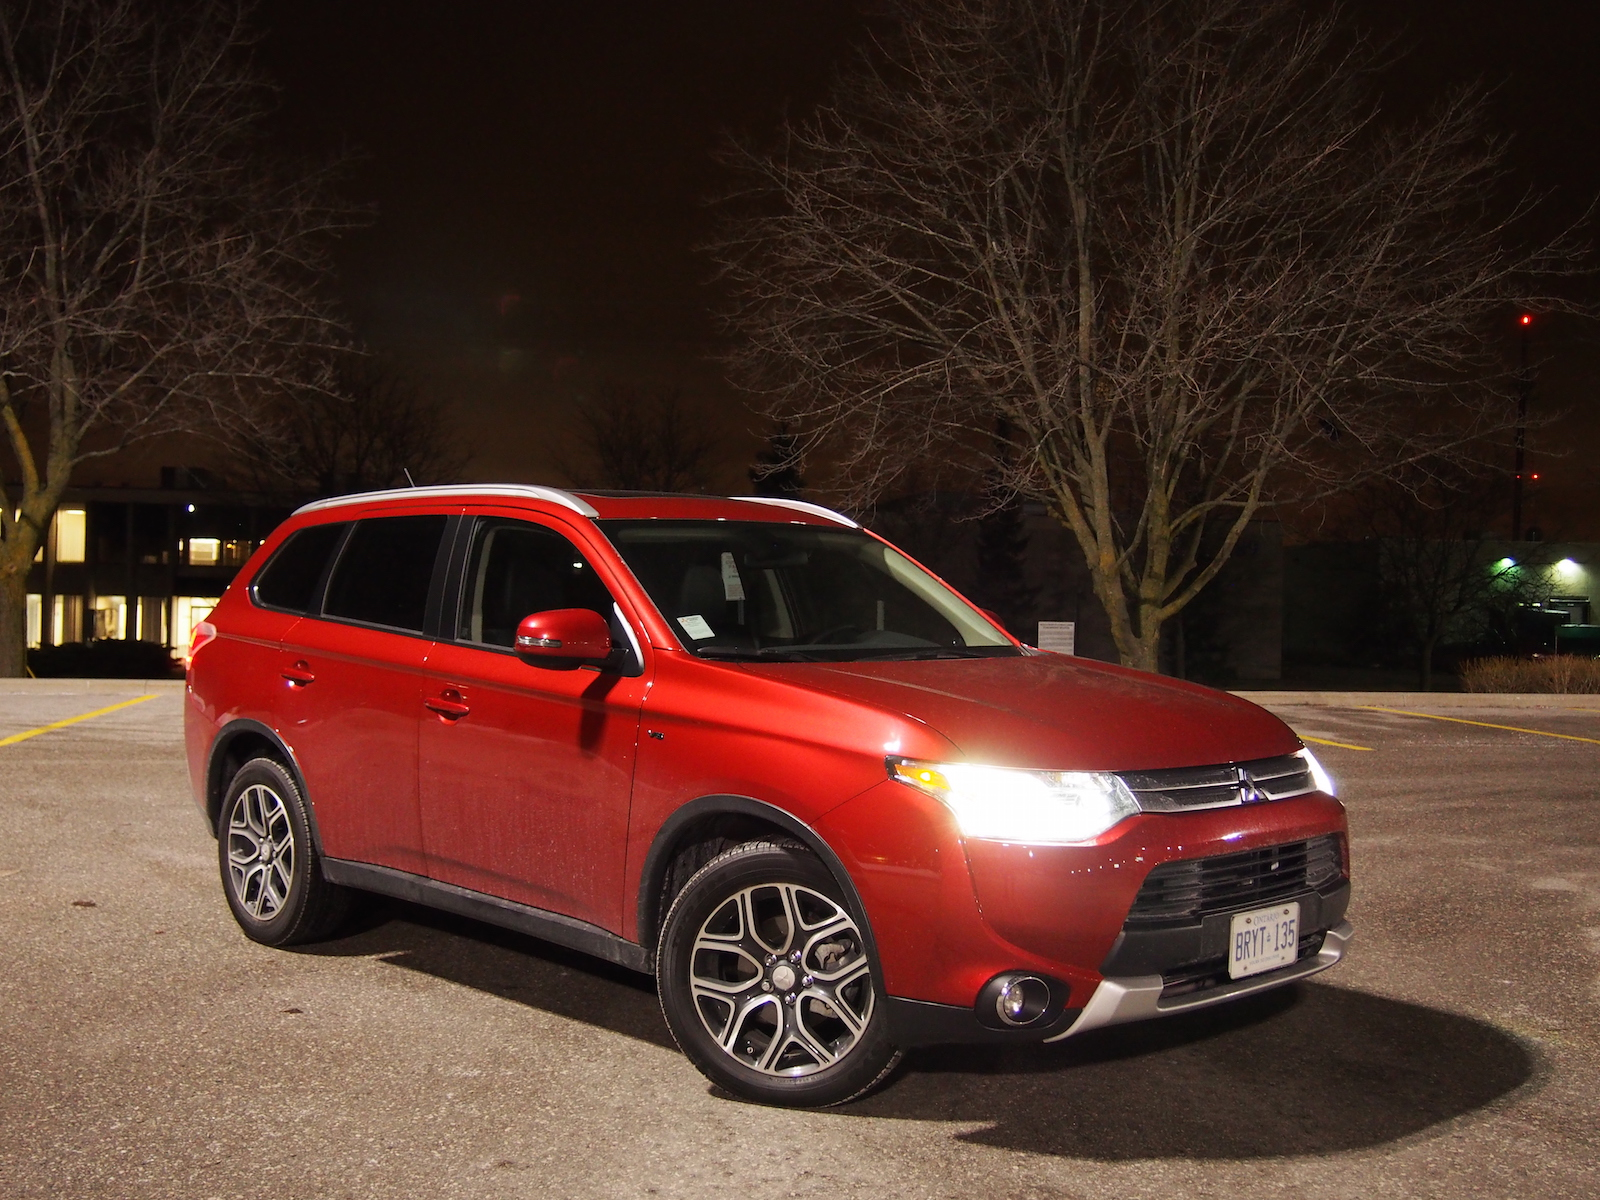 Mitsubishi awc review